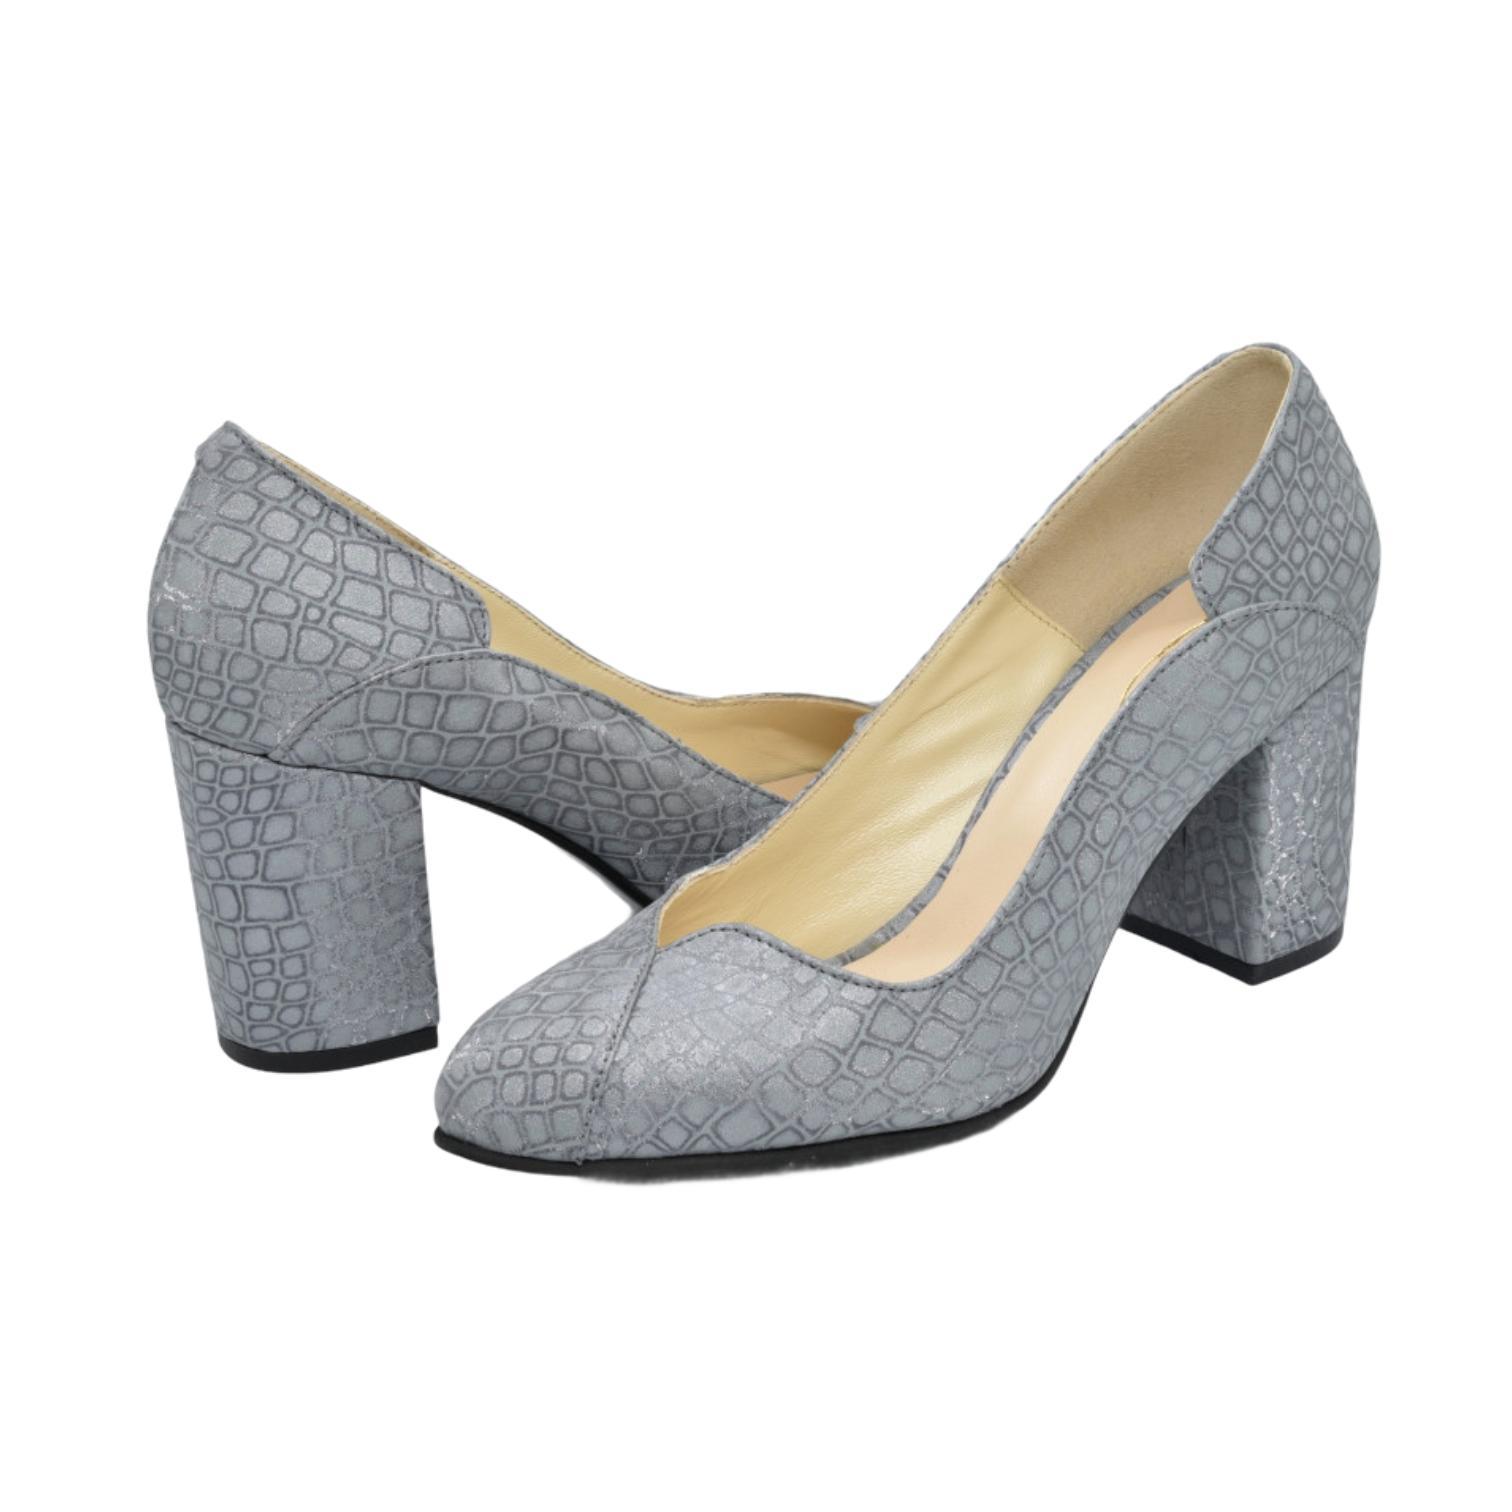 Pantofi gri cu model asbstract